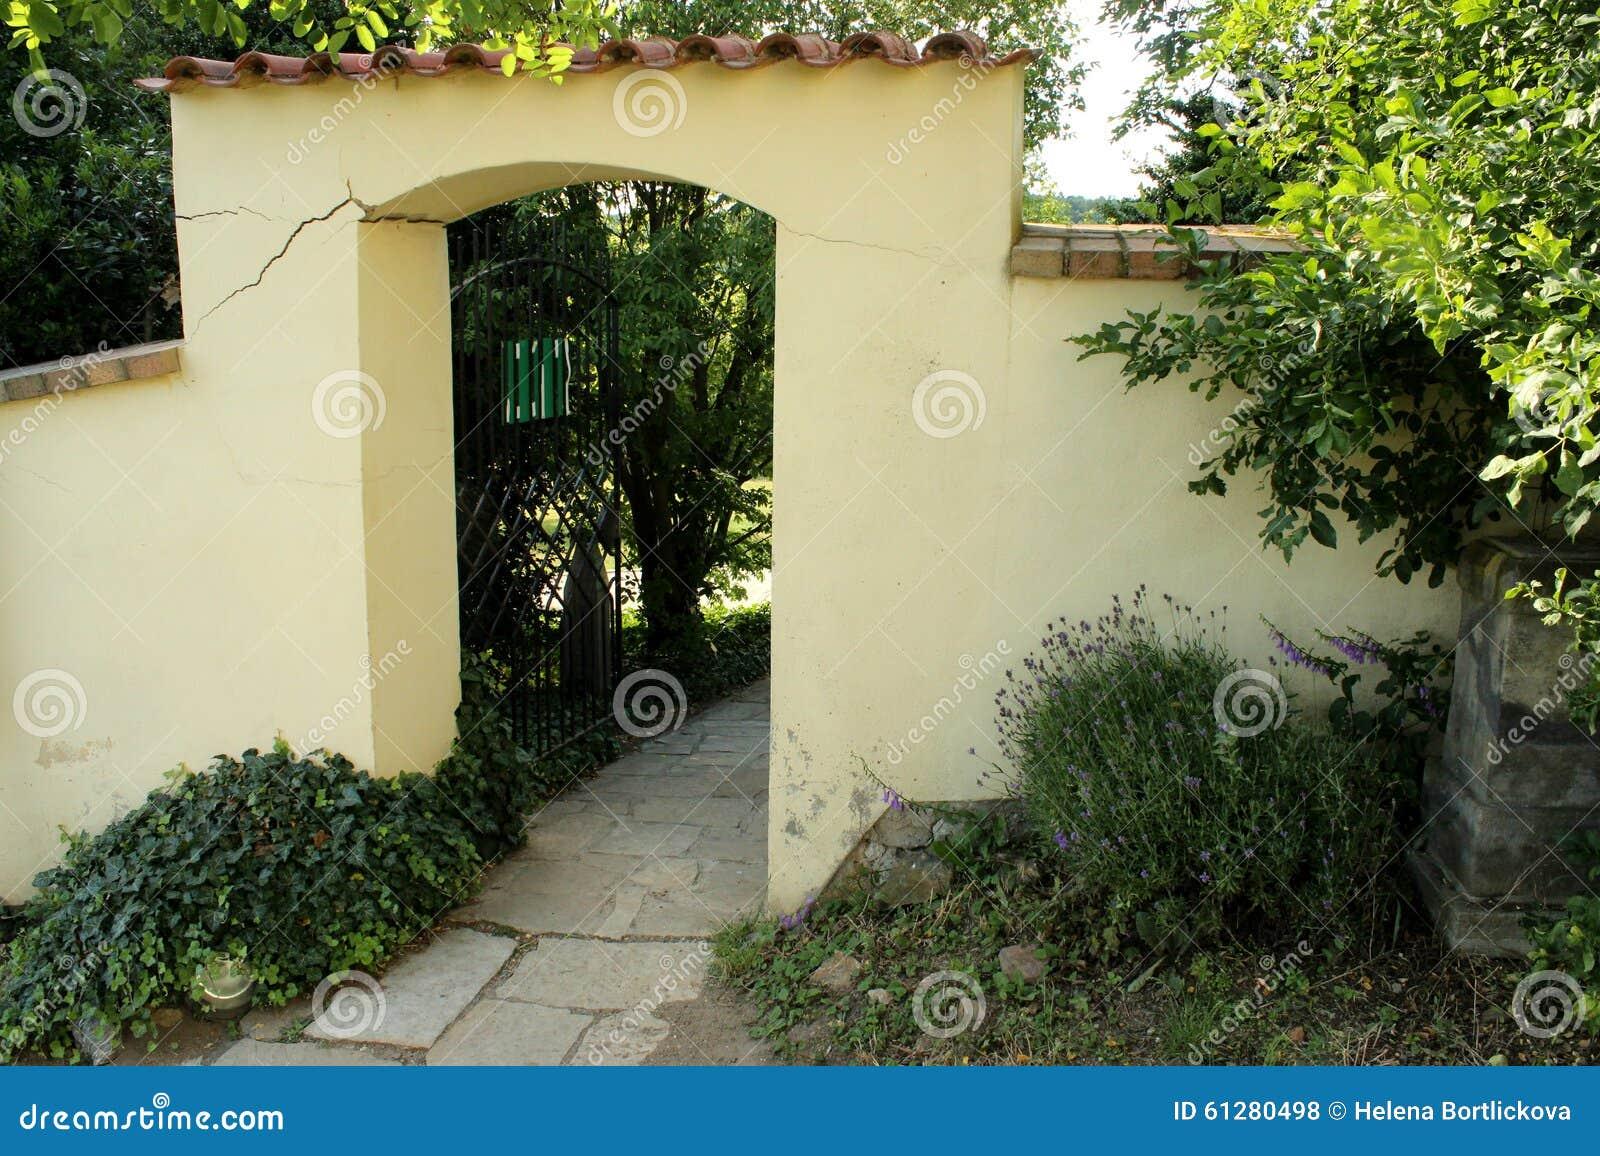 Brick gateway in the garden stock photo image 61280498 for Garden gateway